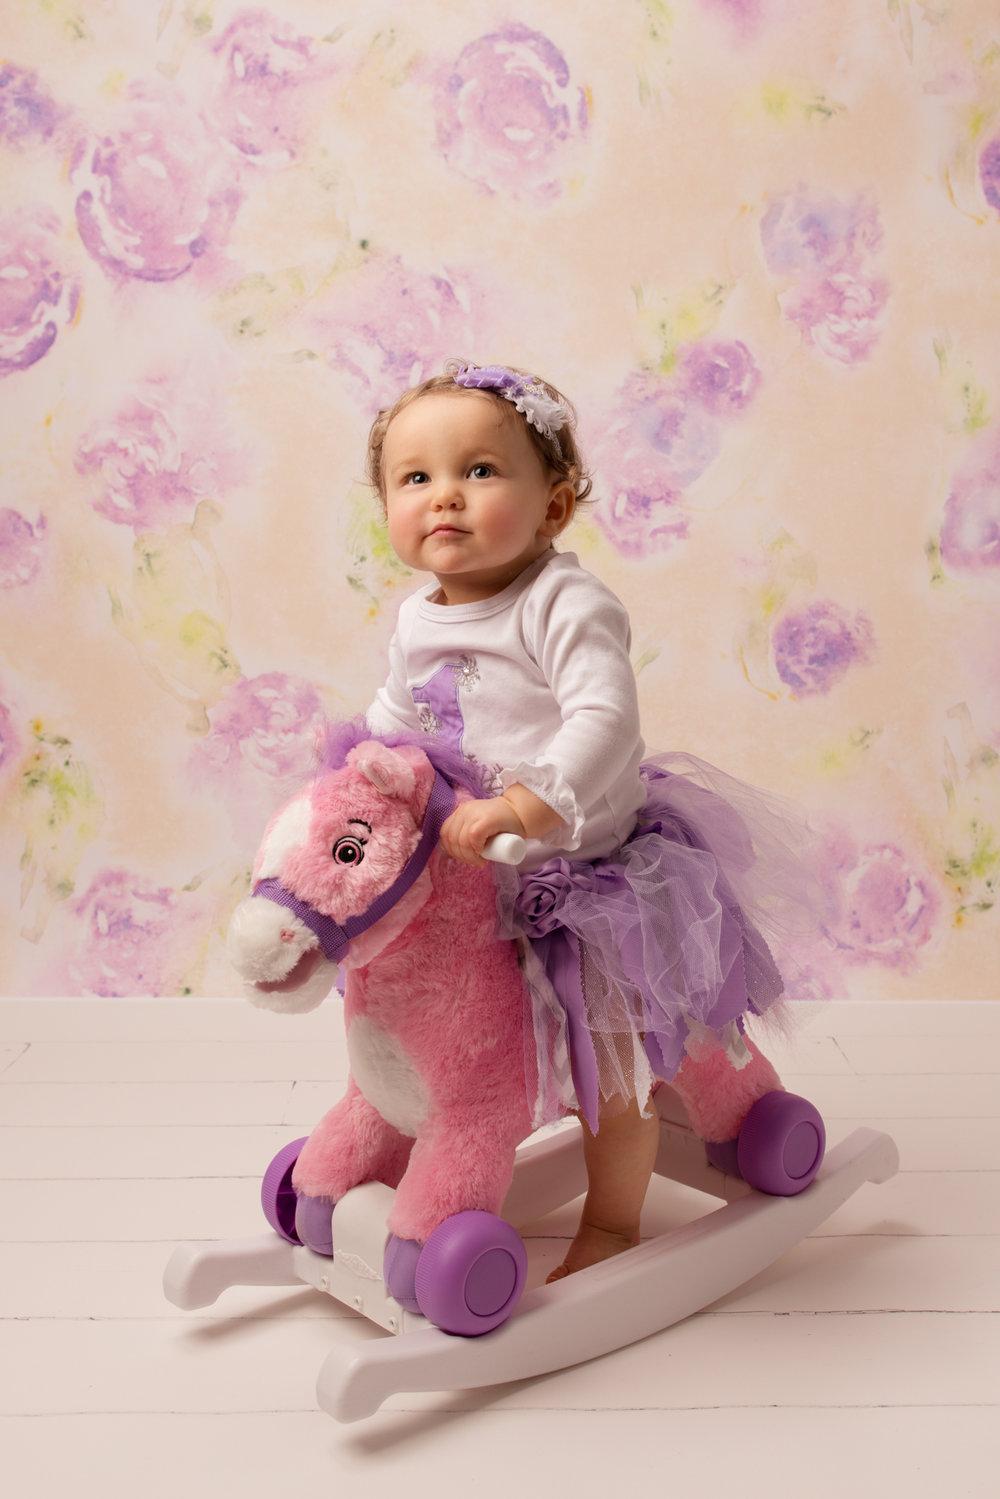 Peachtree City Baby Photographer